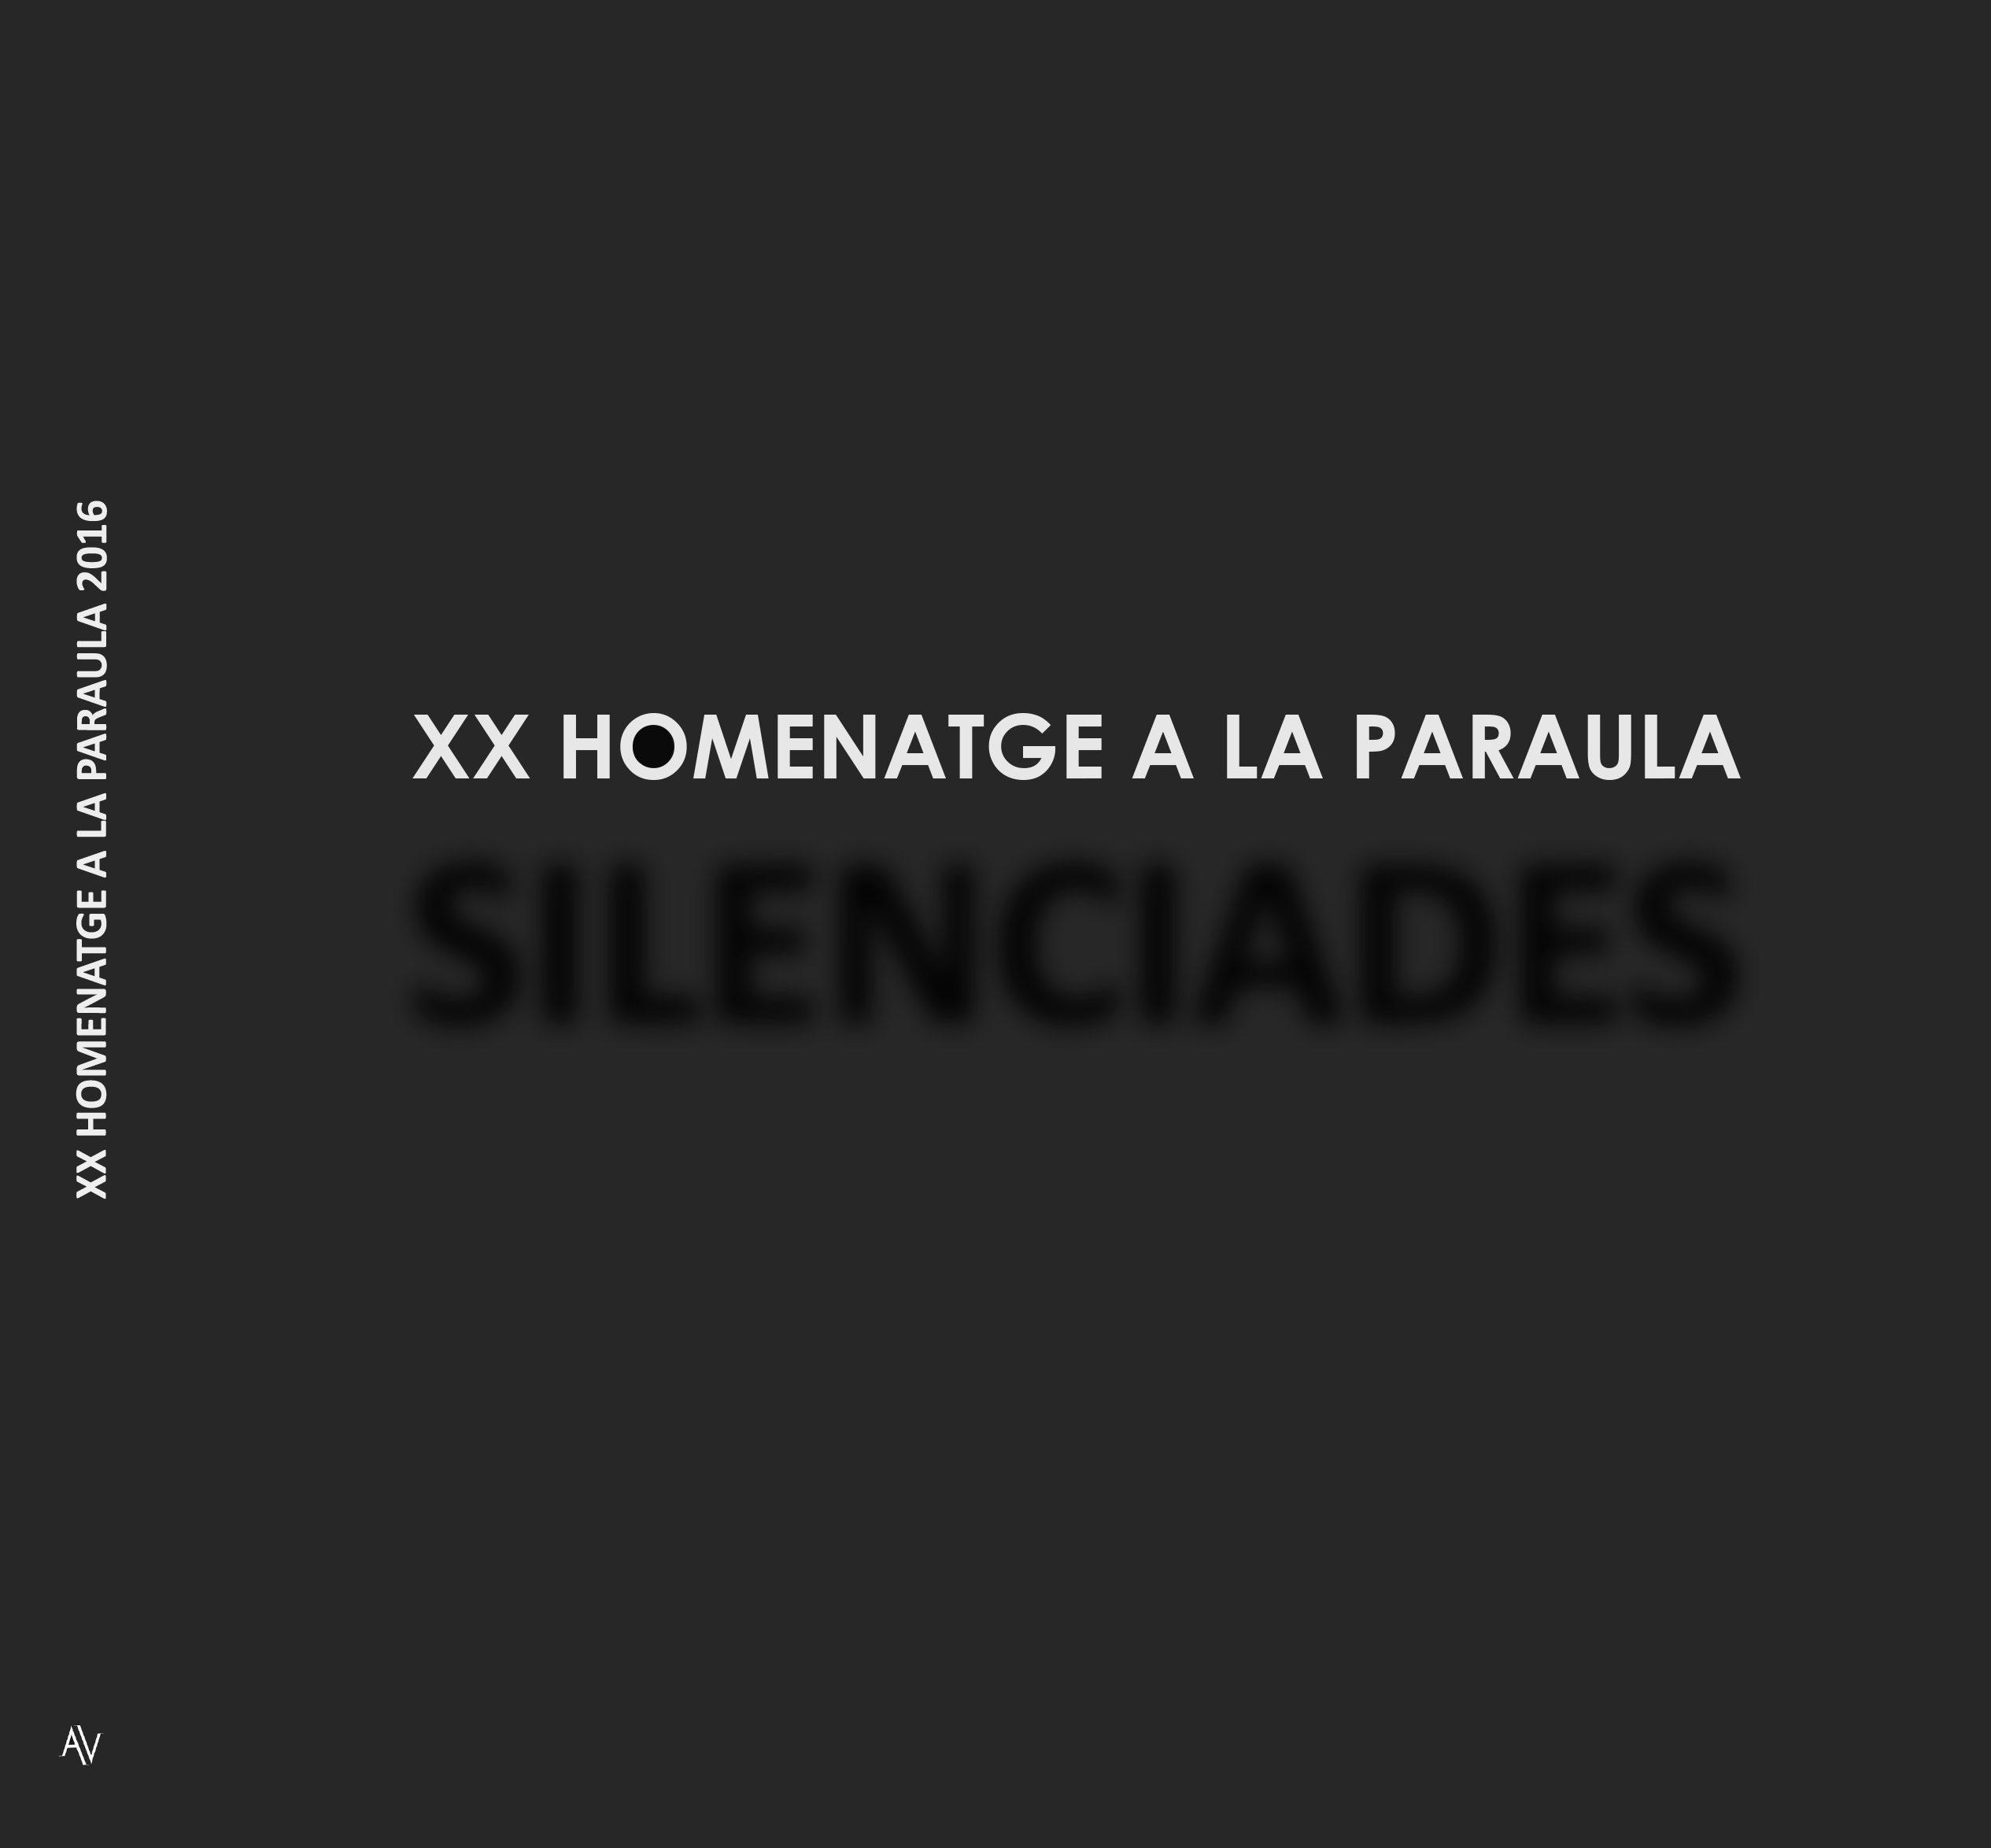 XX HOMENATGE A LA PARAULA